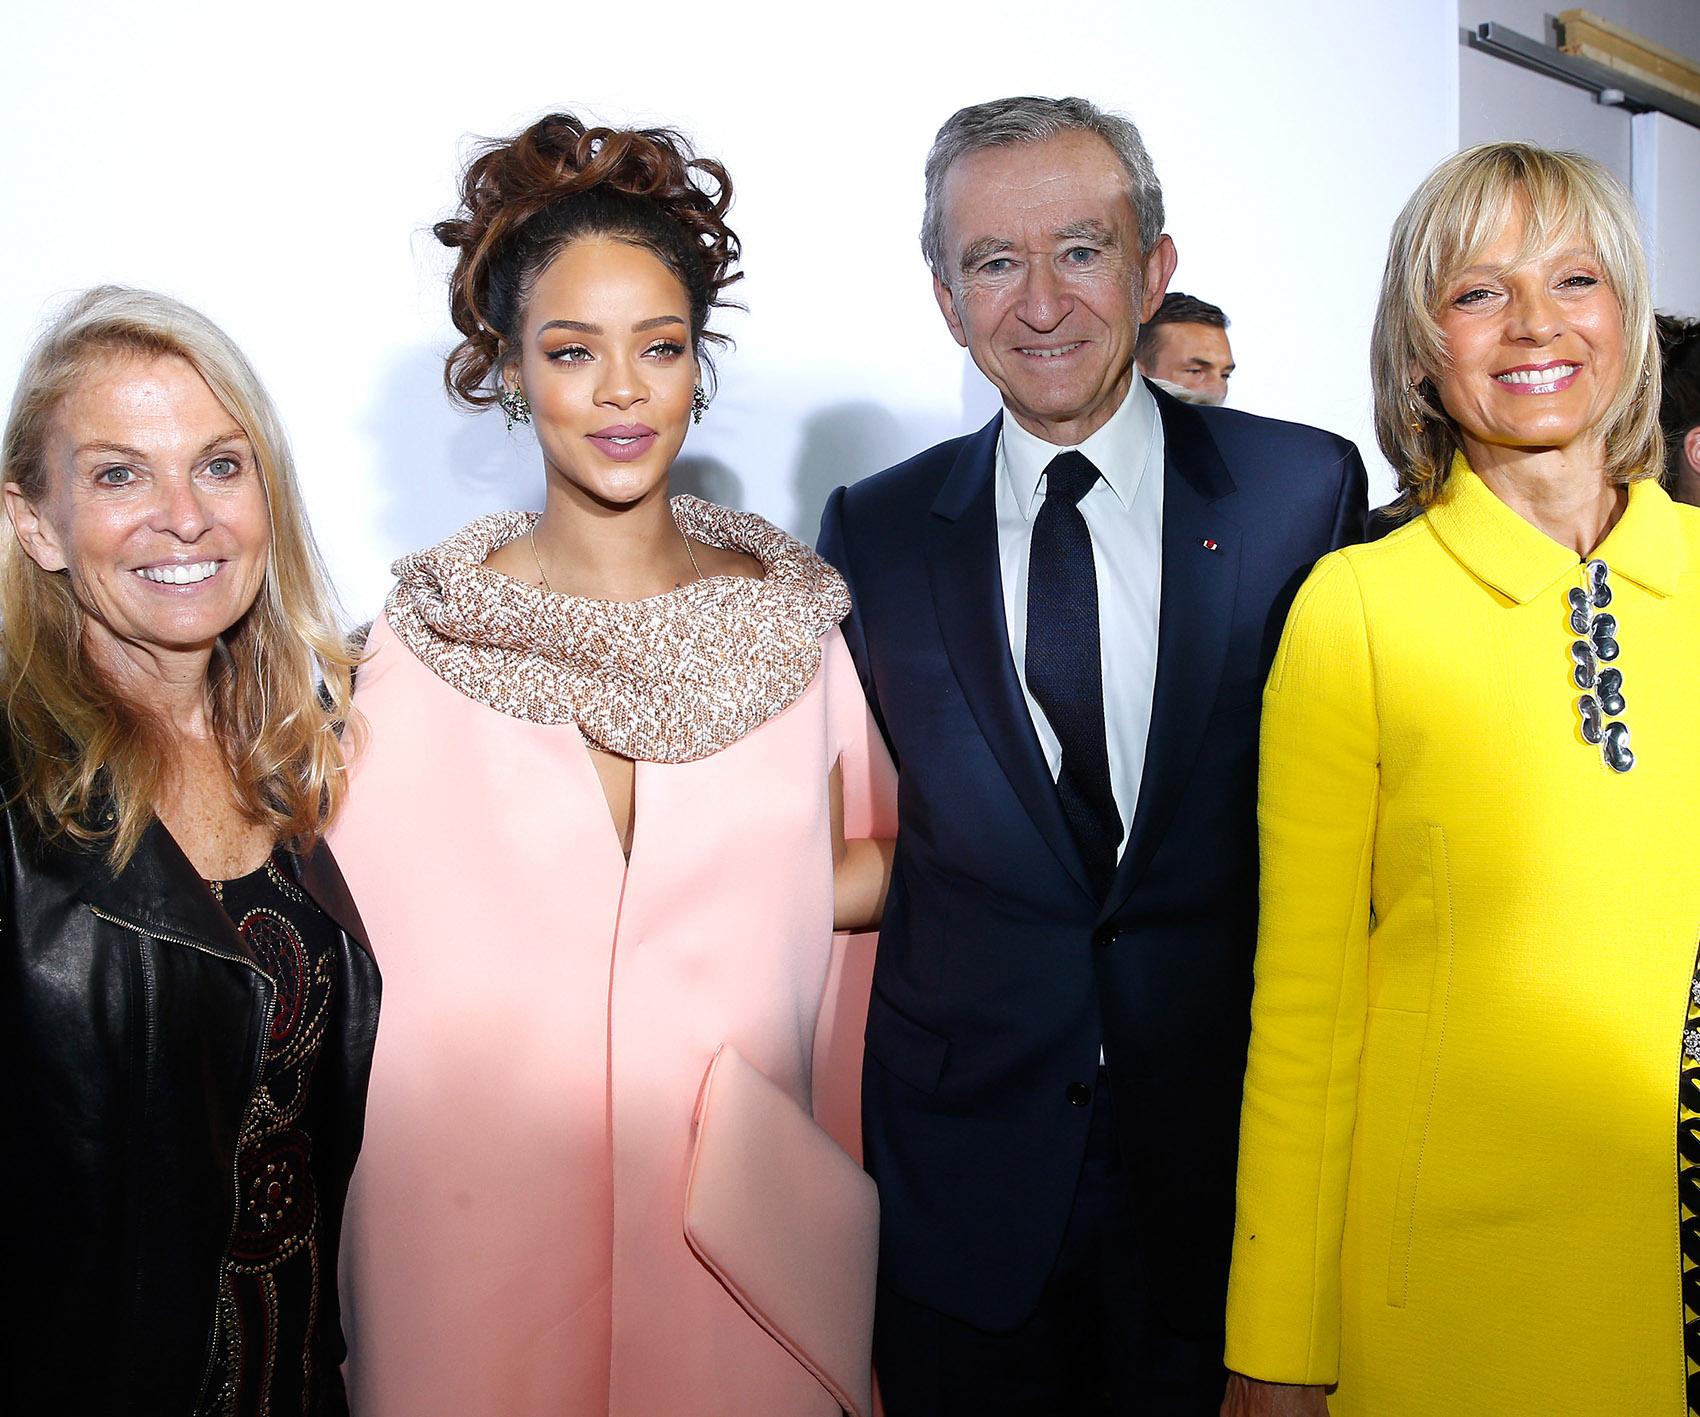 705cda36df306 https   www.harpersbazaar.com.au fashion cannes-fashion-day-8 ...